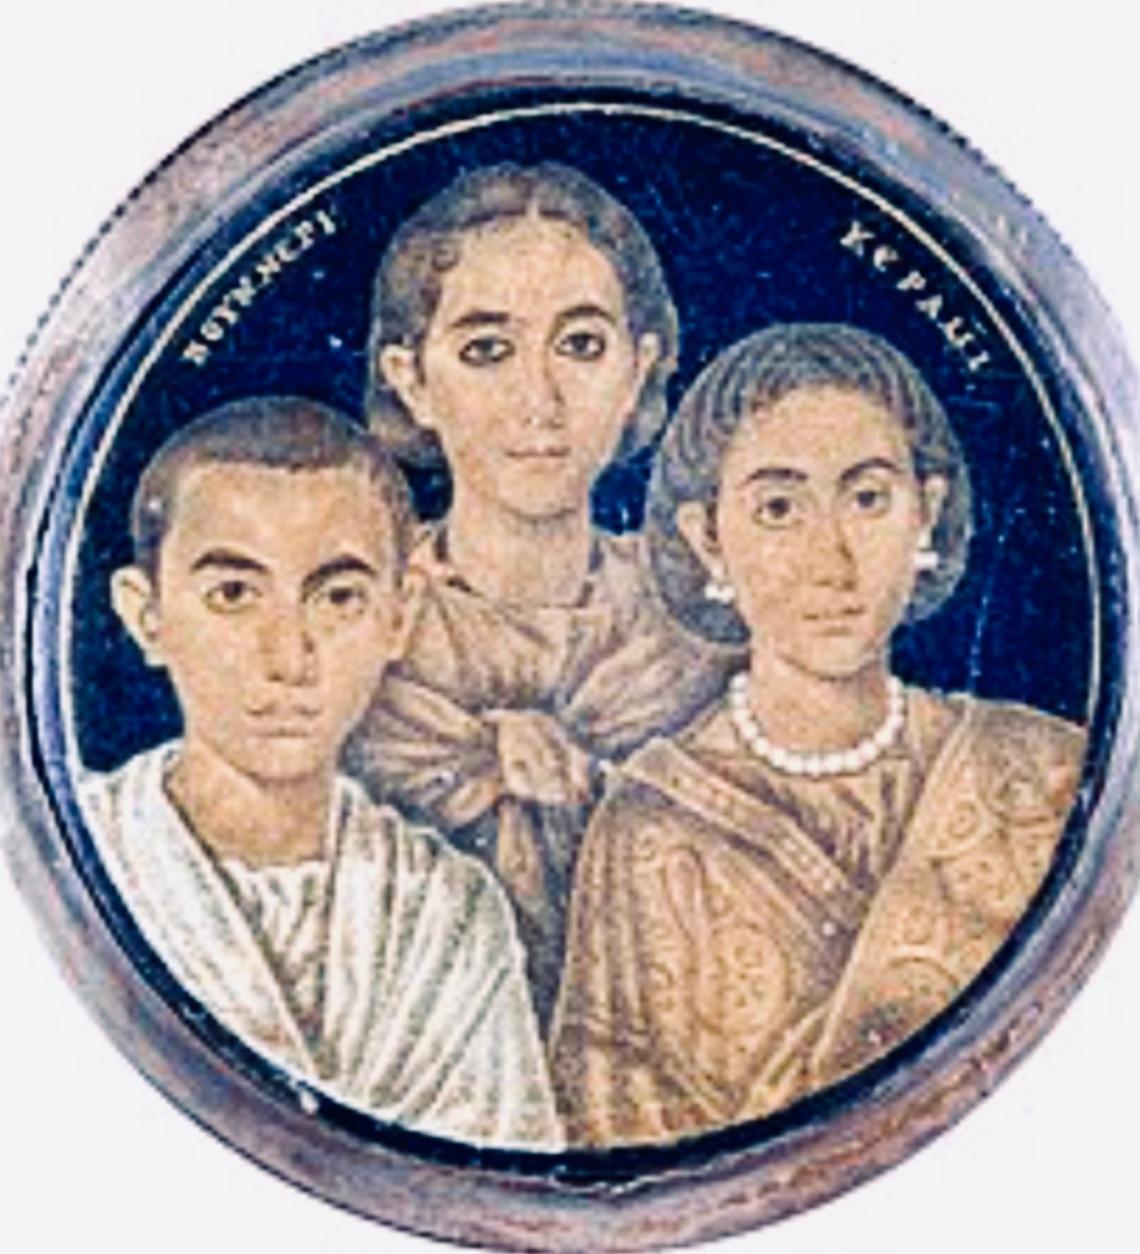 Medaglione della Croce di Desiderio raffigurante Galla Placidia, Valentiniano III e Onoria